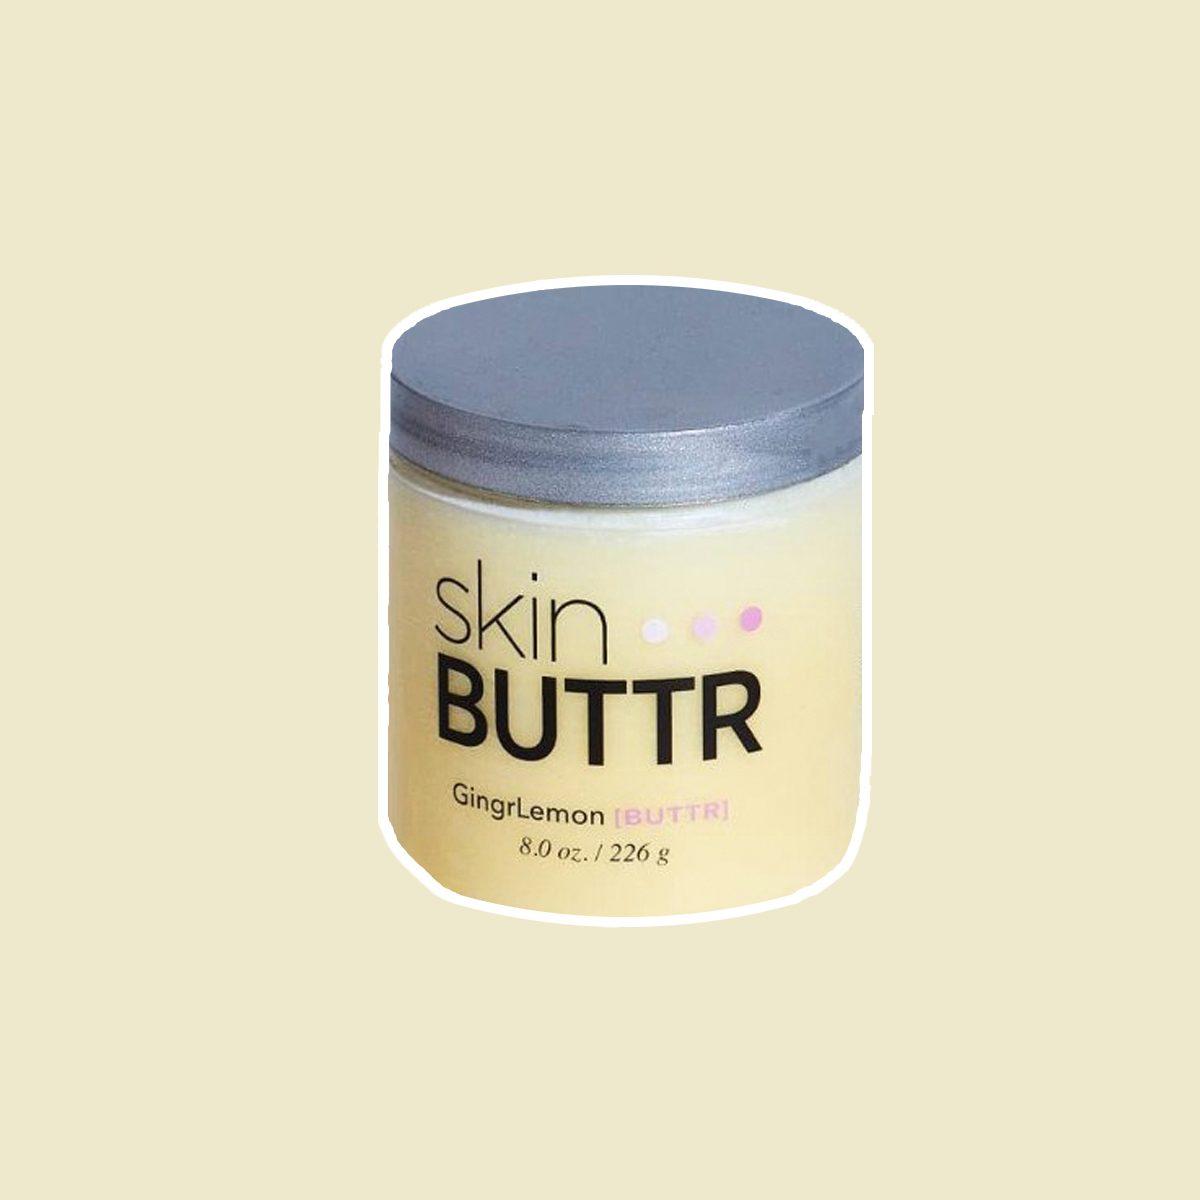 SkinBUTTR Gingr Lemon Buttr